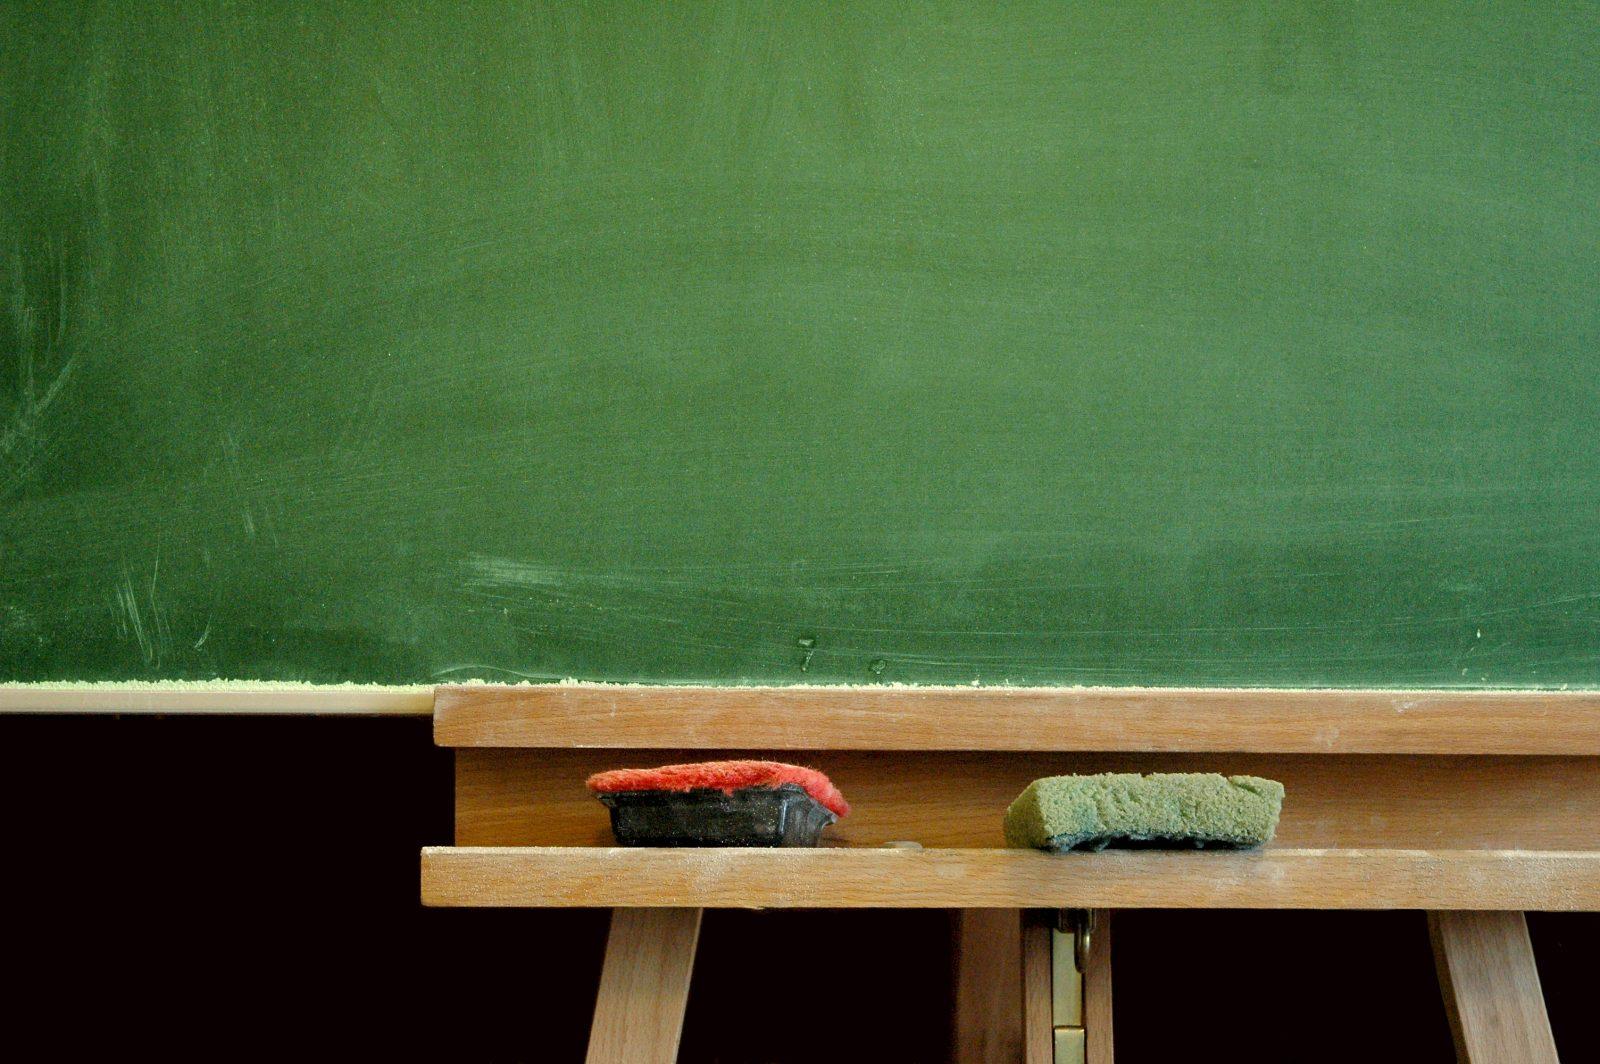 Le retour sur les bancs de l'école, c'est lundi !